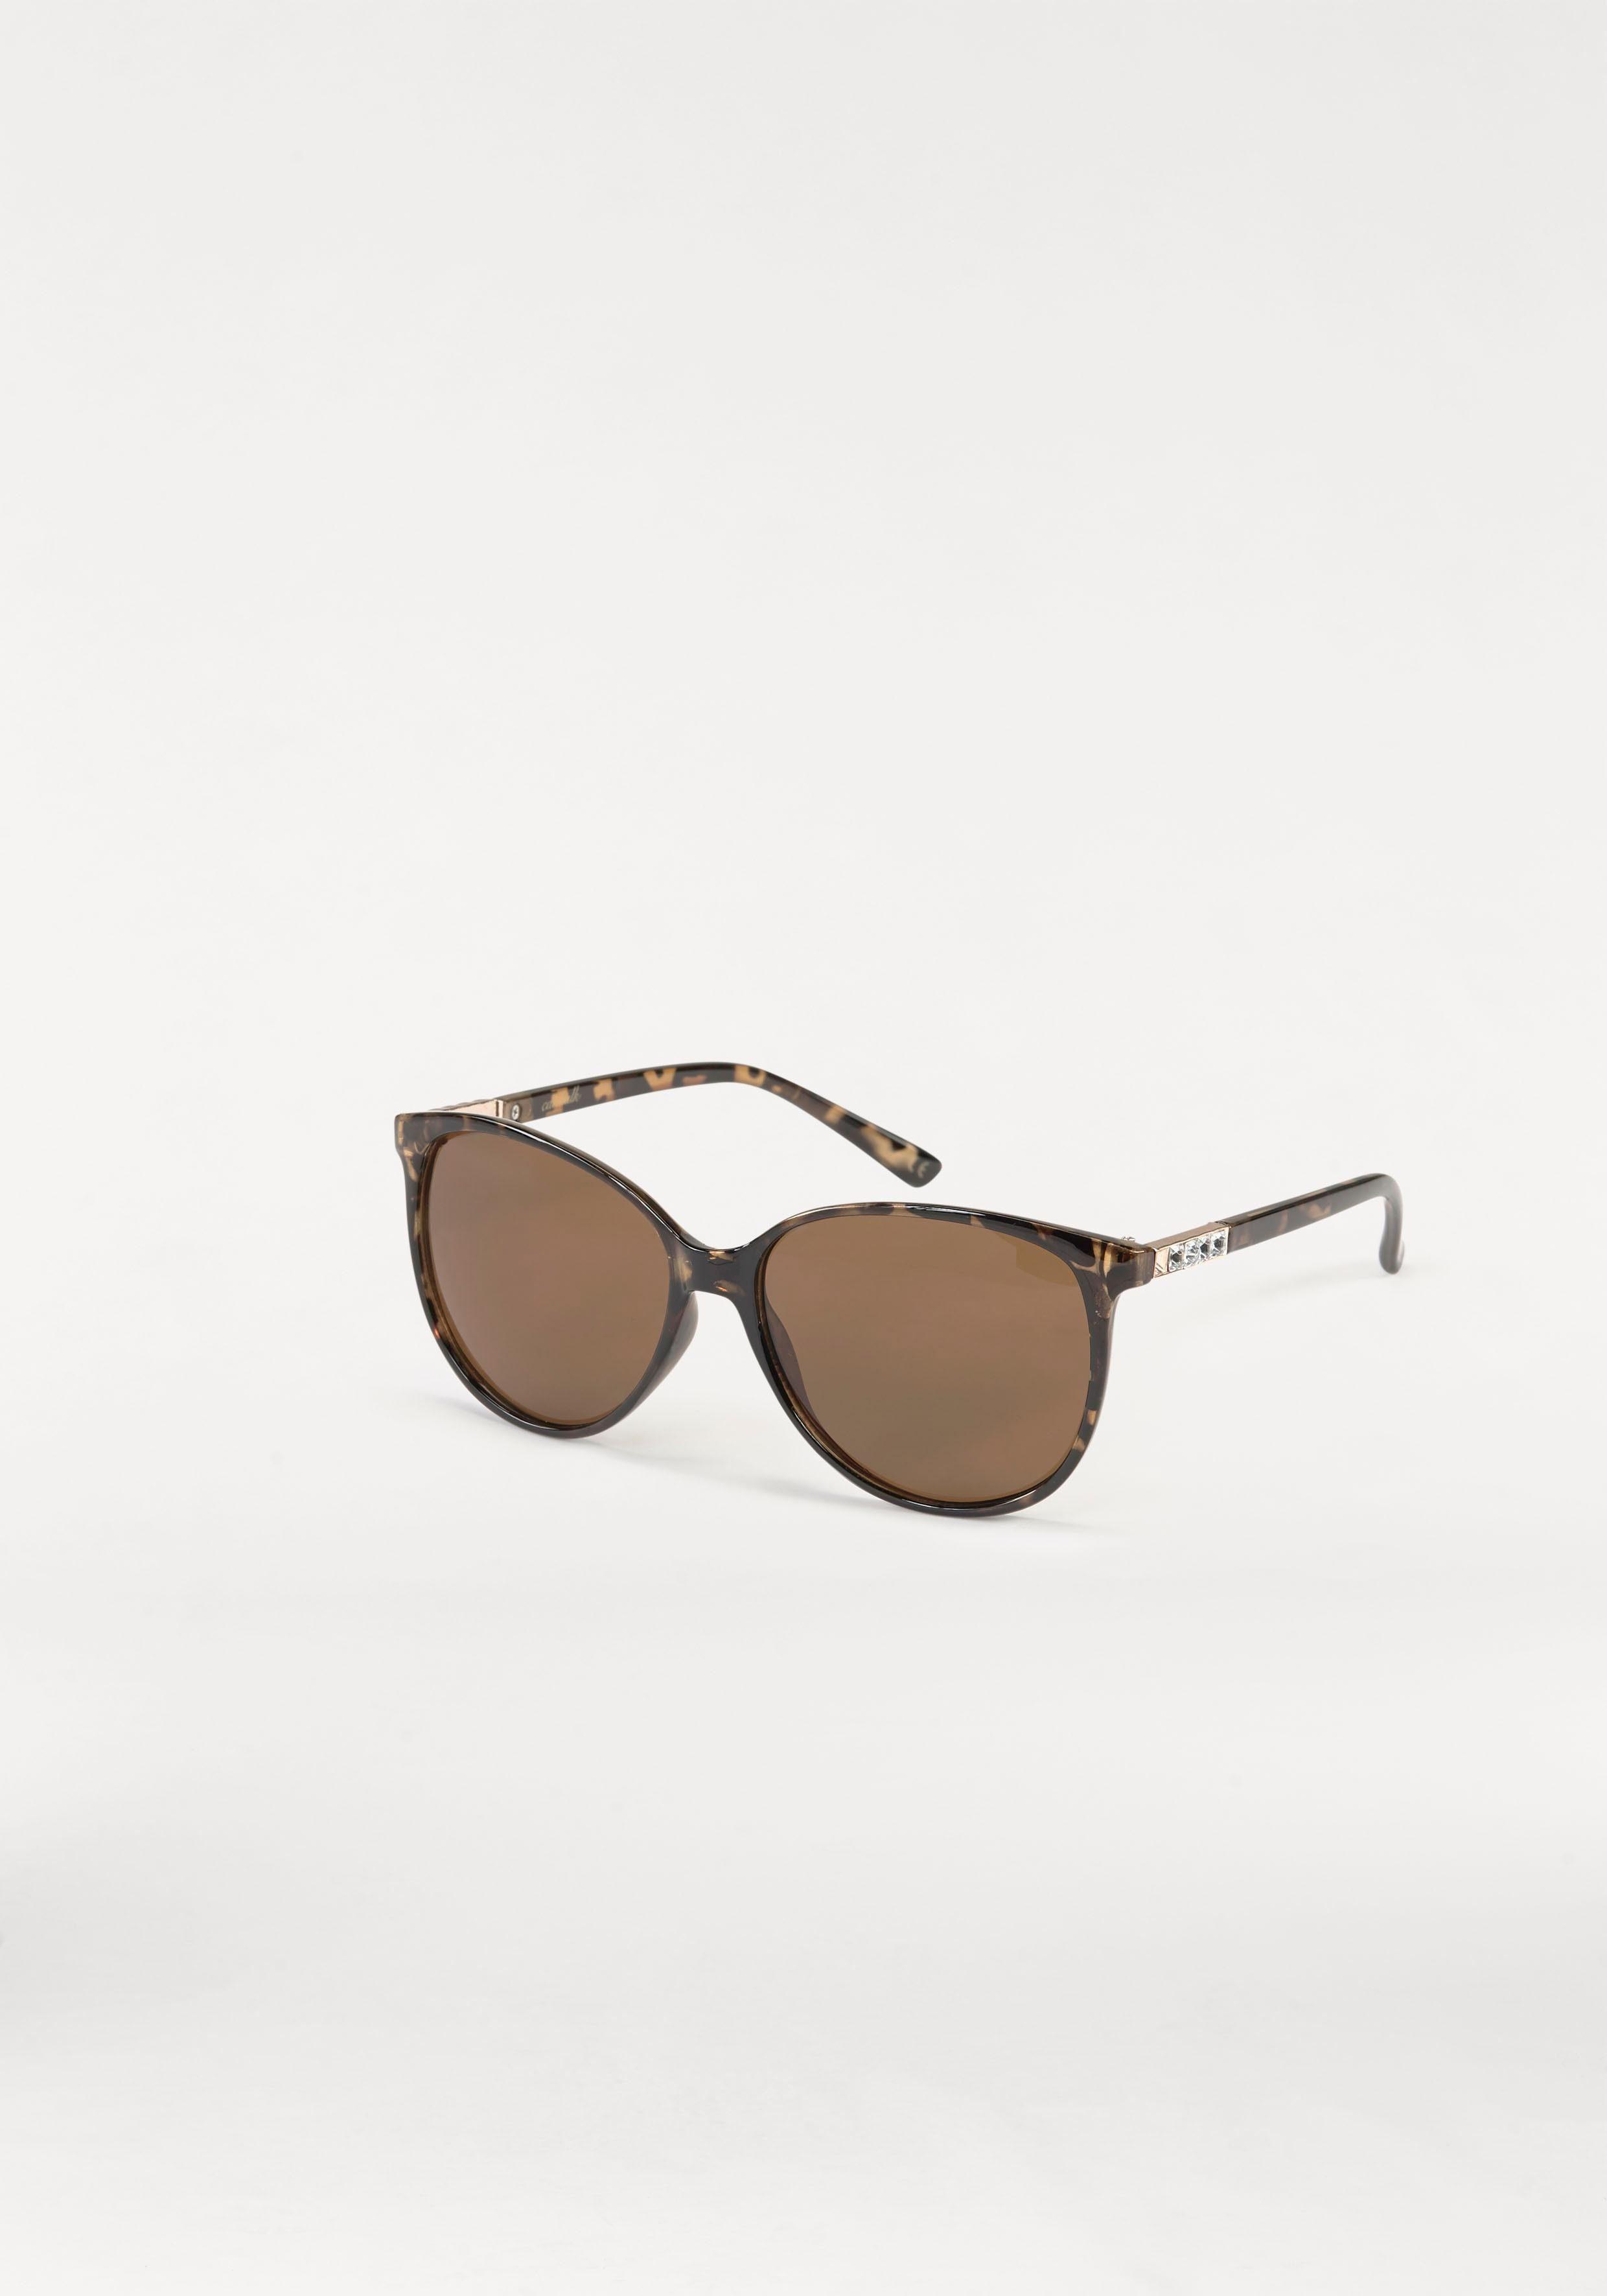 catwalk Eyewear Sonnenbrille, im angesagten Leo-Design